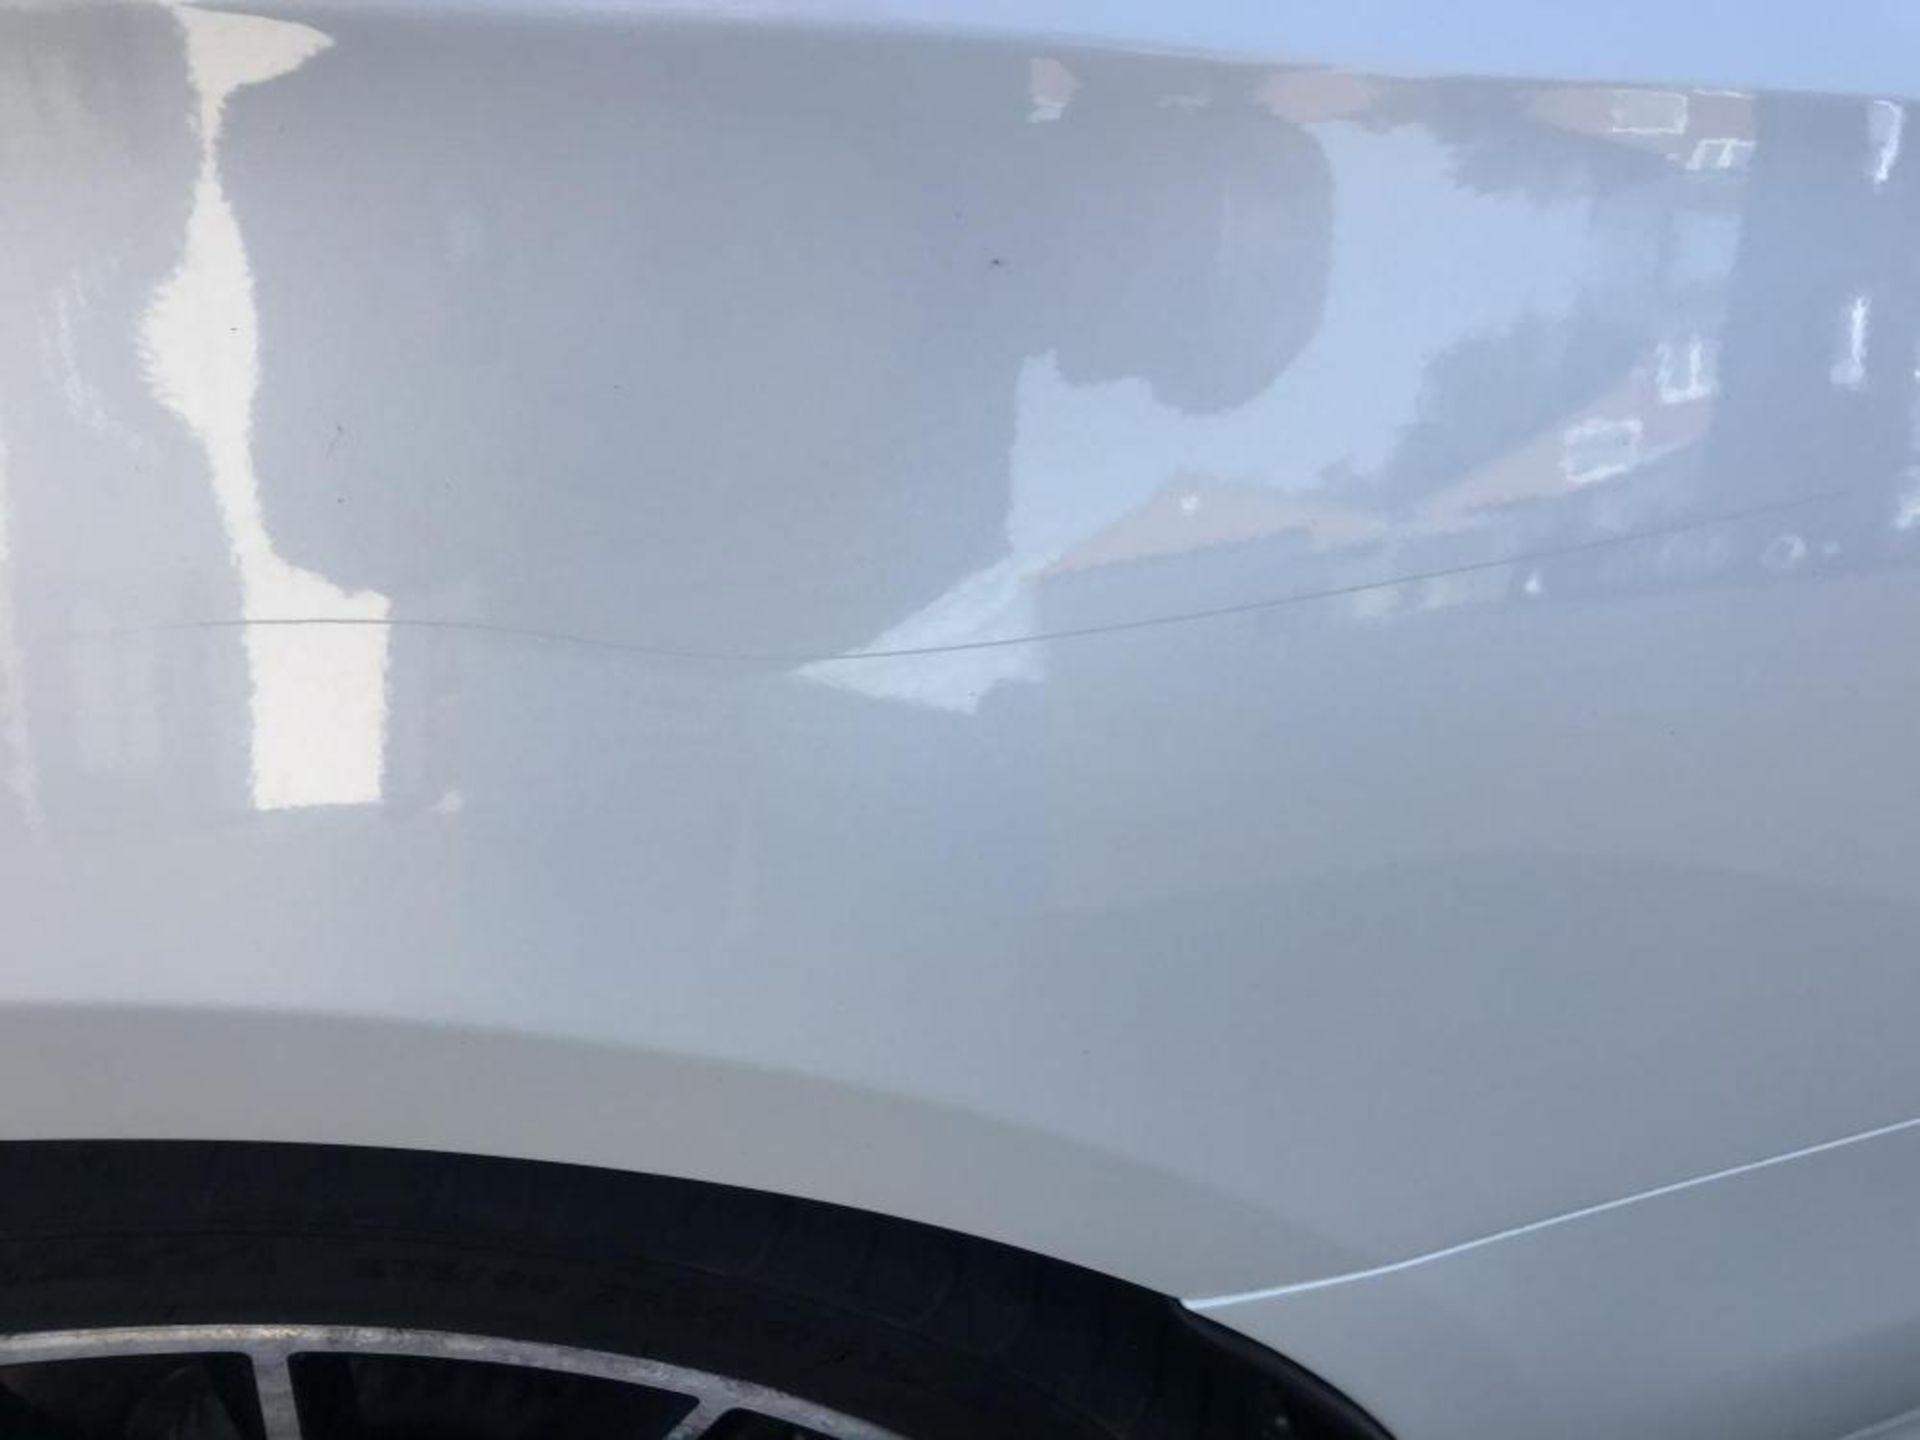 2016/66 REG MERCEDES E CLASS E 350 D AMG LINE PREMIUM 3.0L AUTOMATIC WHITE SALOON 255BHP *NO VAT* - Image 6 of 15